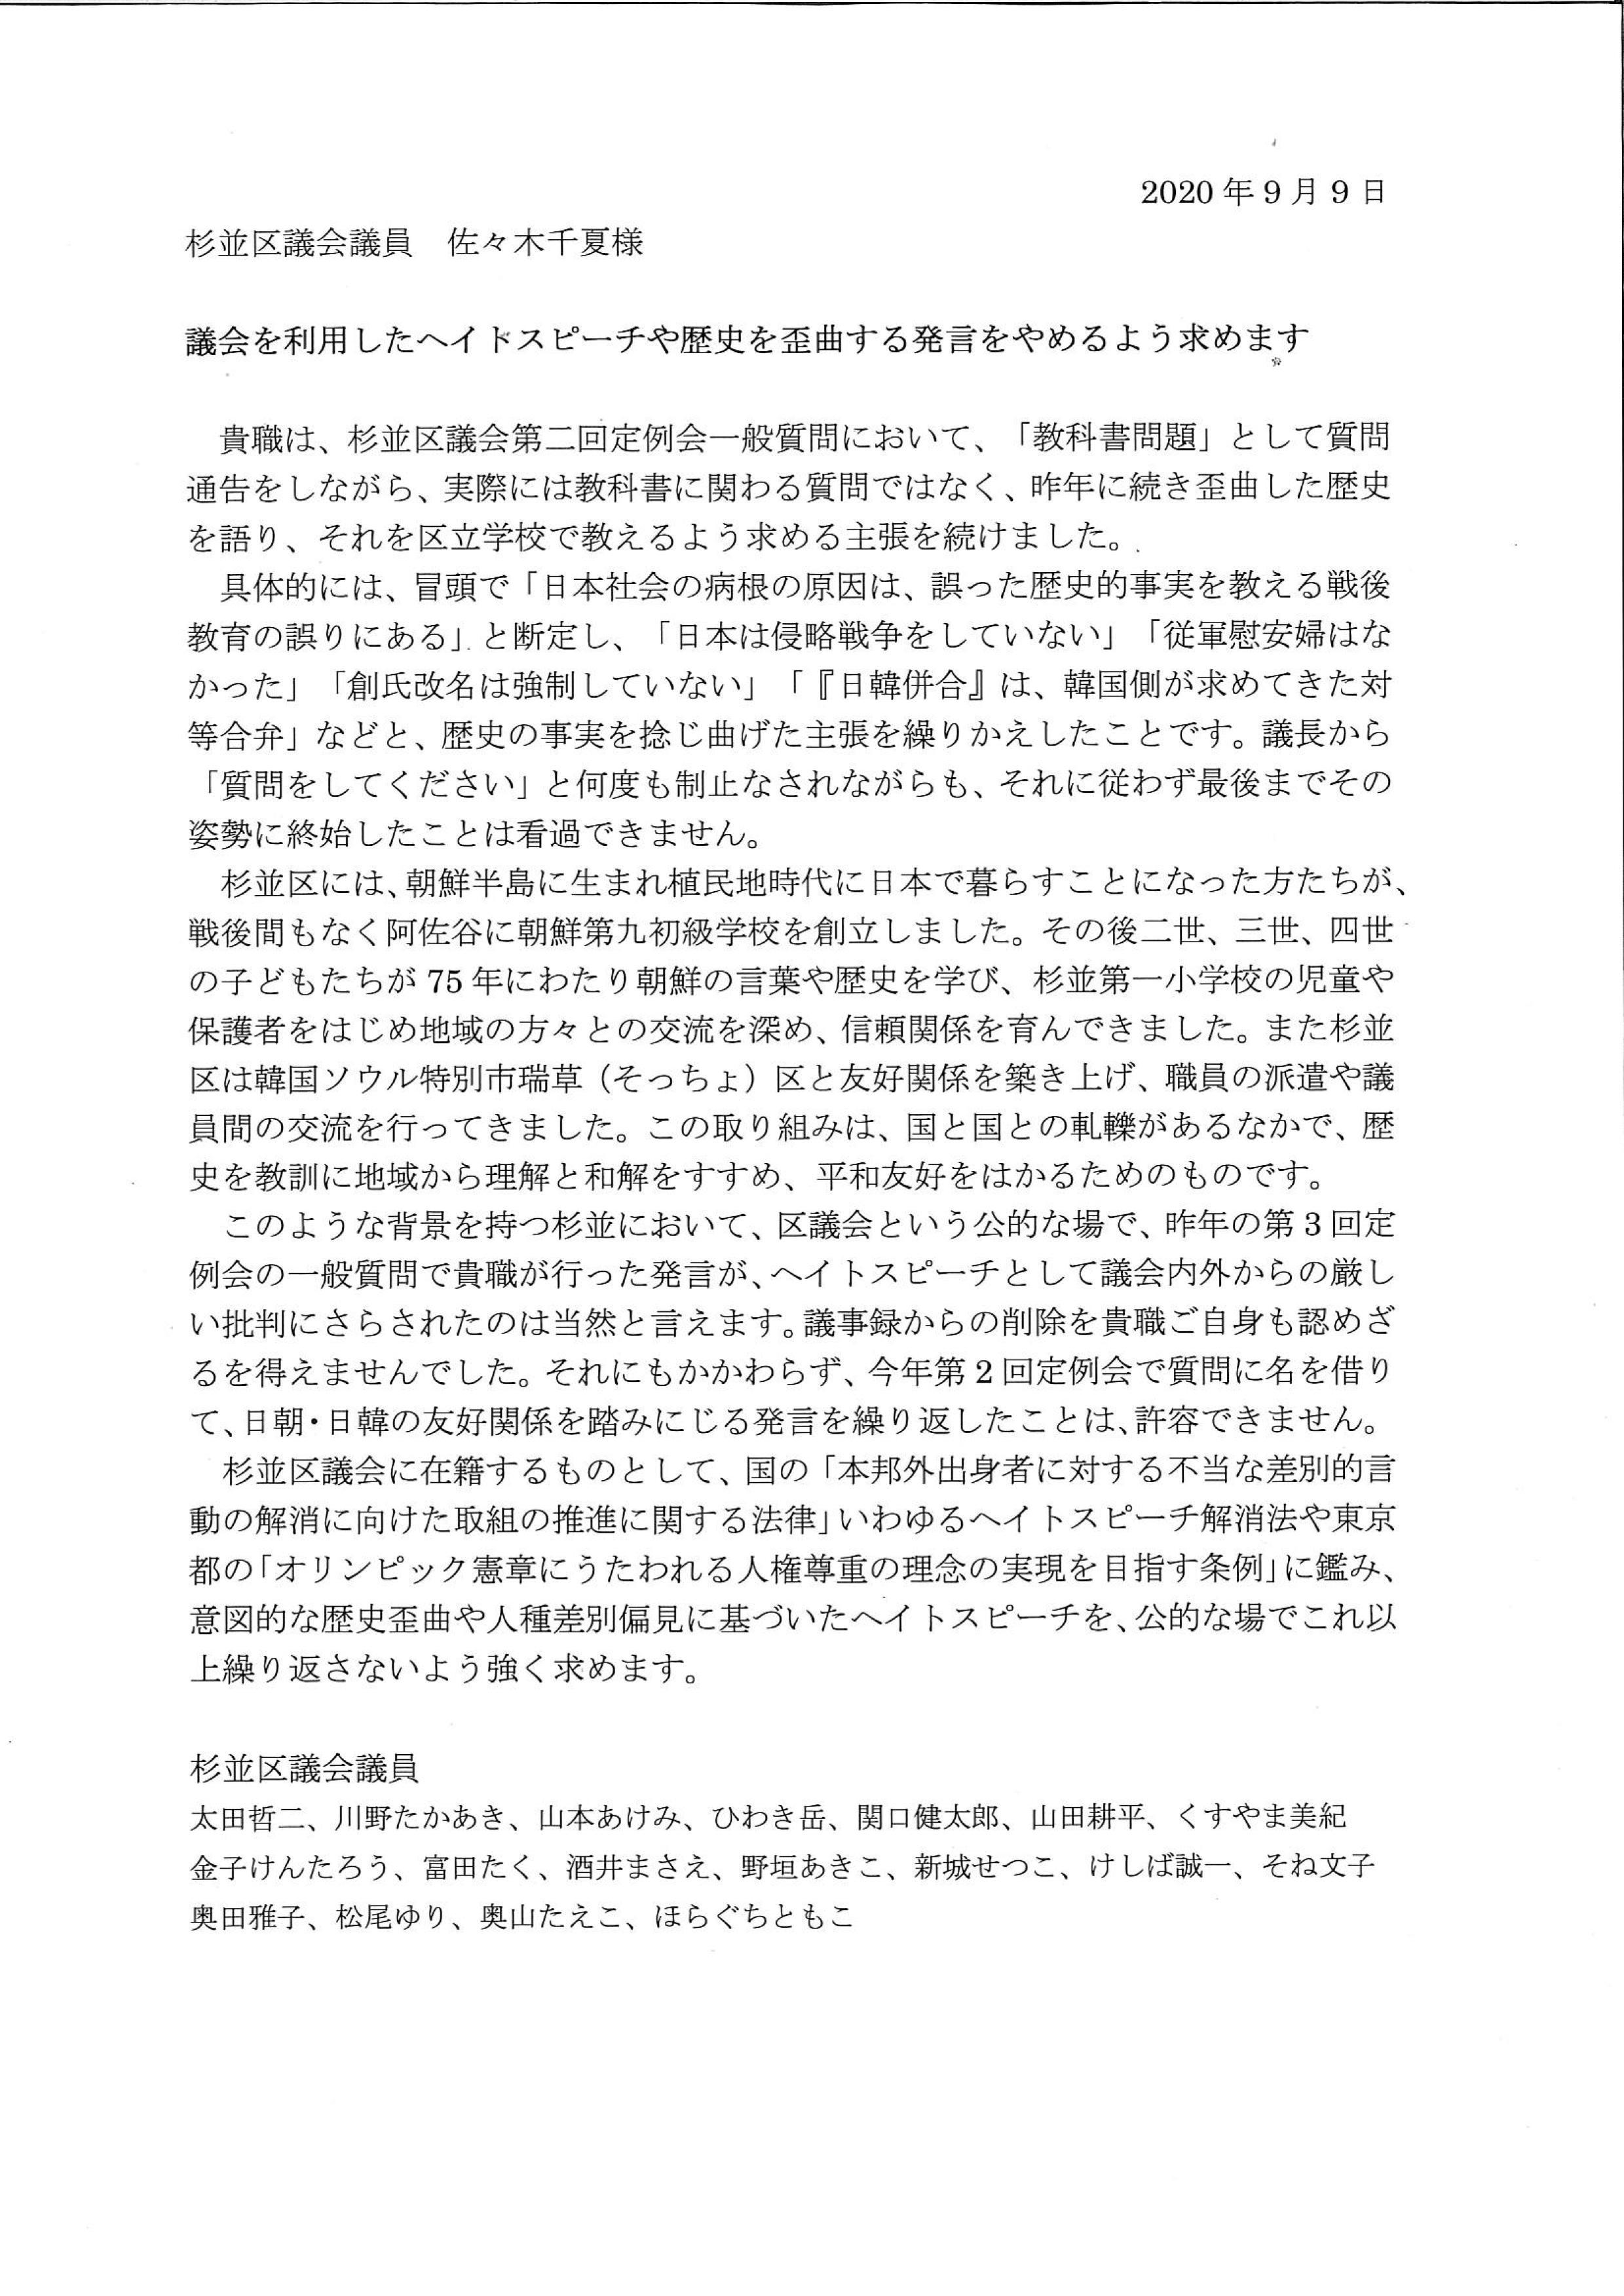 佐々木千夏議員への要請文書